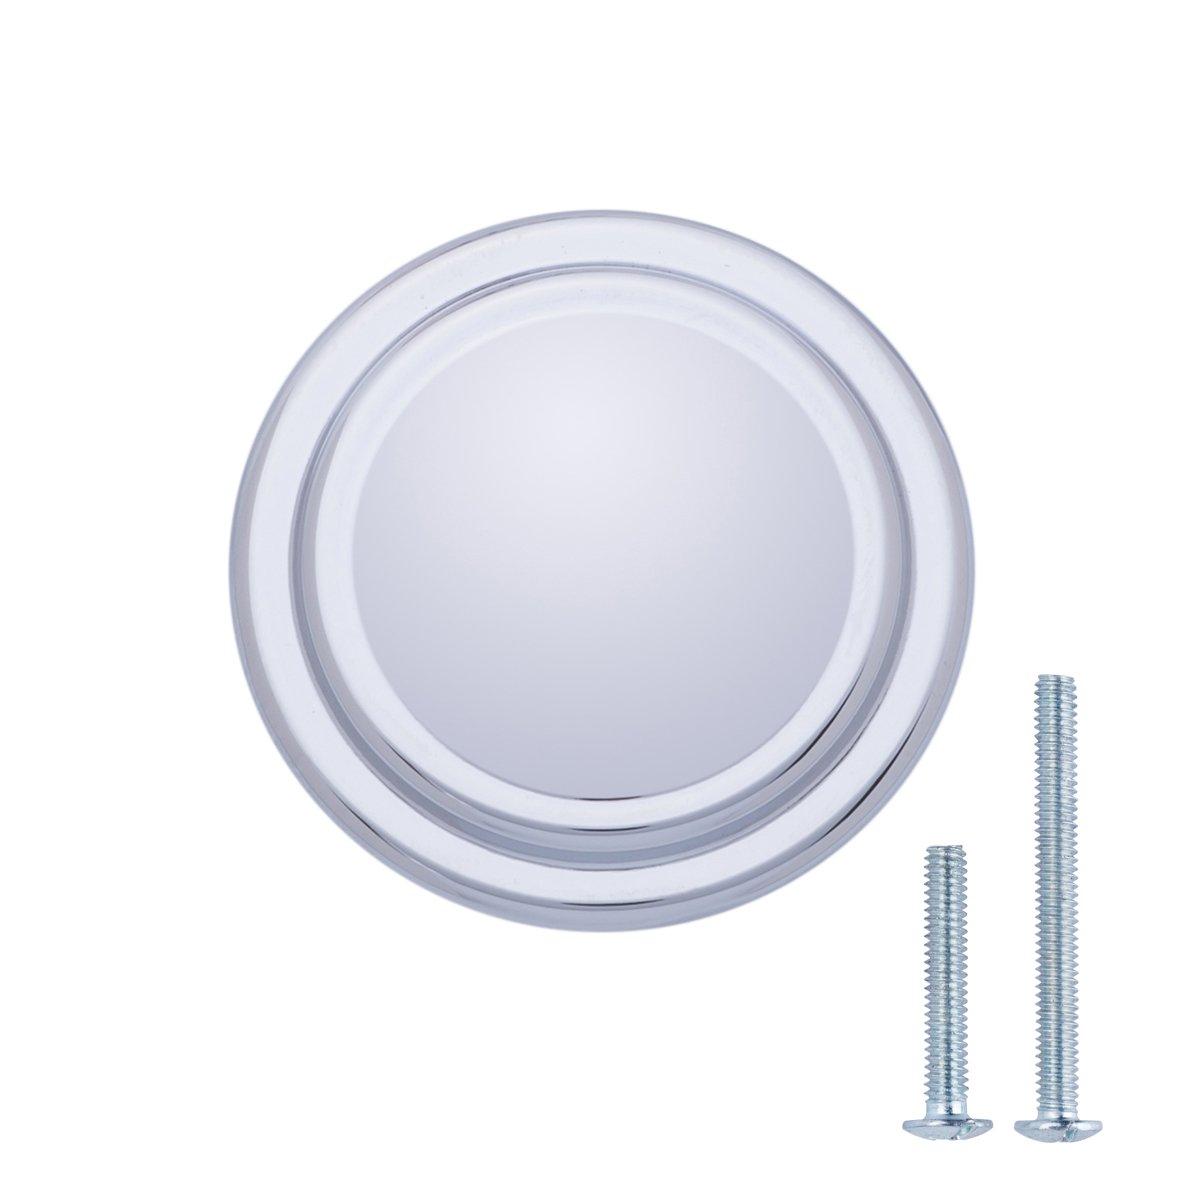 Basics - Pomolo liscio con bordo ad anello per mobili, Diametro: 3,17 cm, Cromo lucido, Confezione da 10 pezzi AB700-PC-10